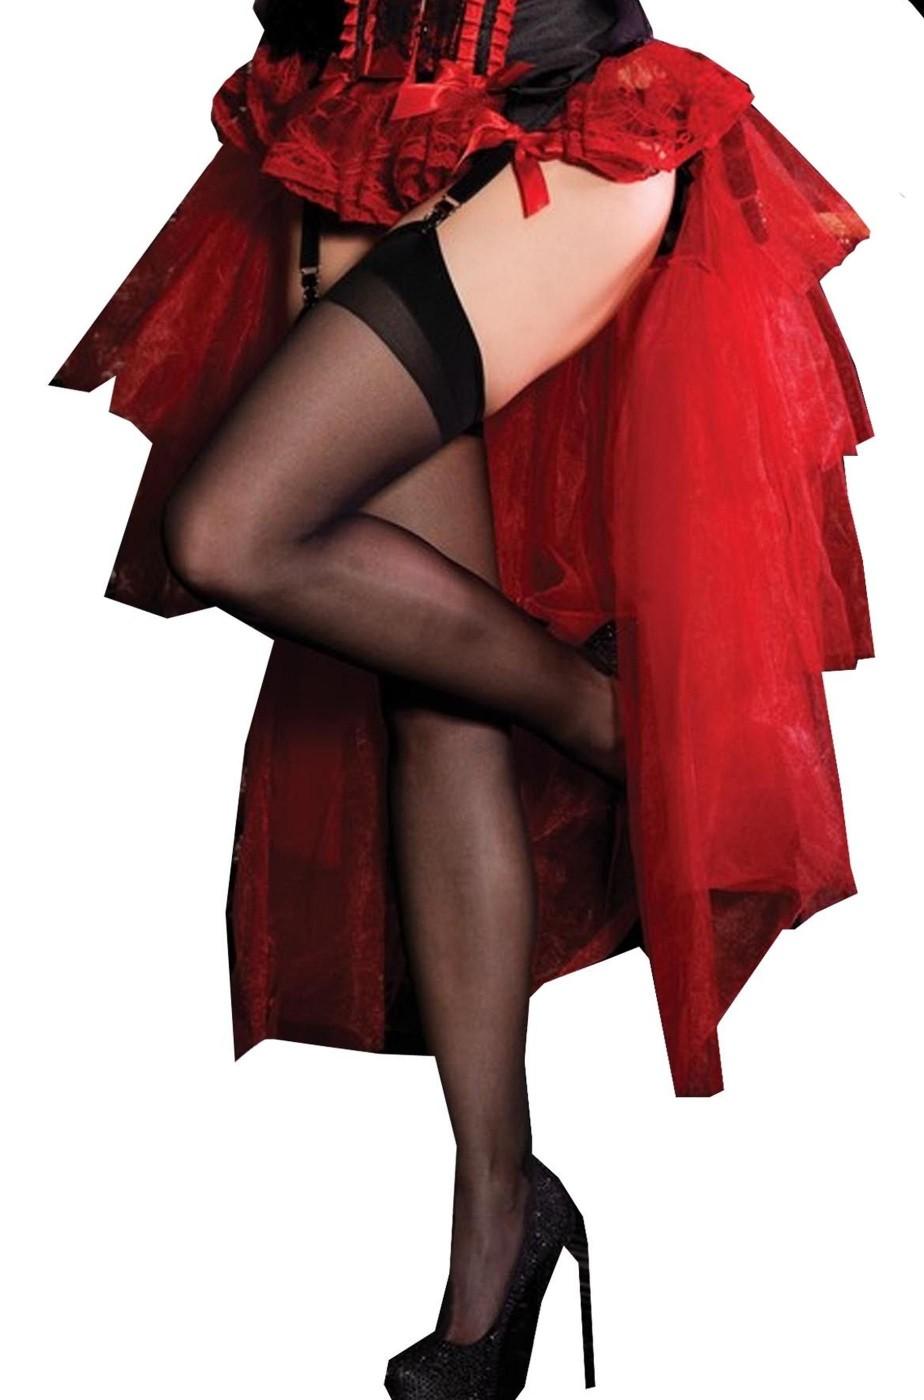 Gonna lunga a balze burlesque rossa adulta corta davanti